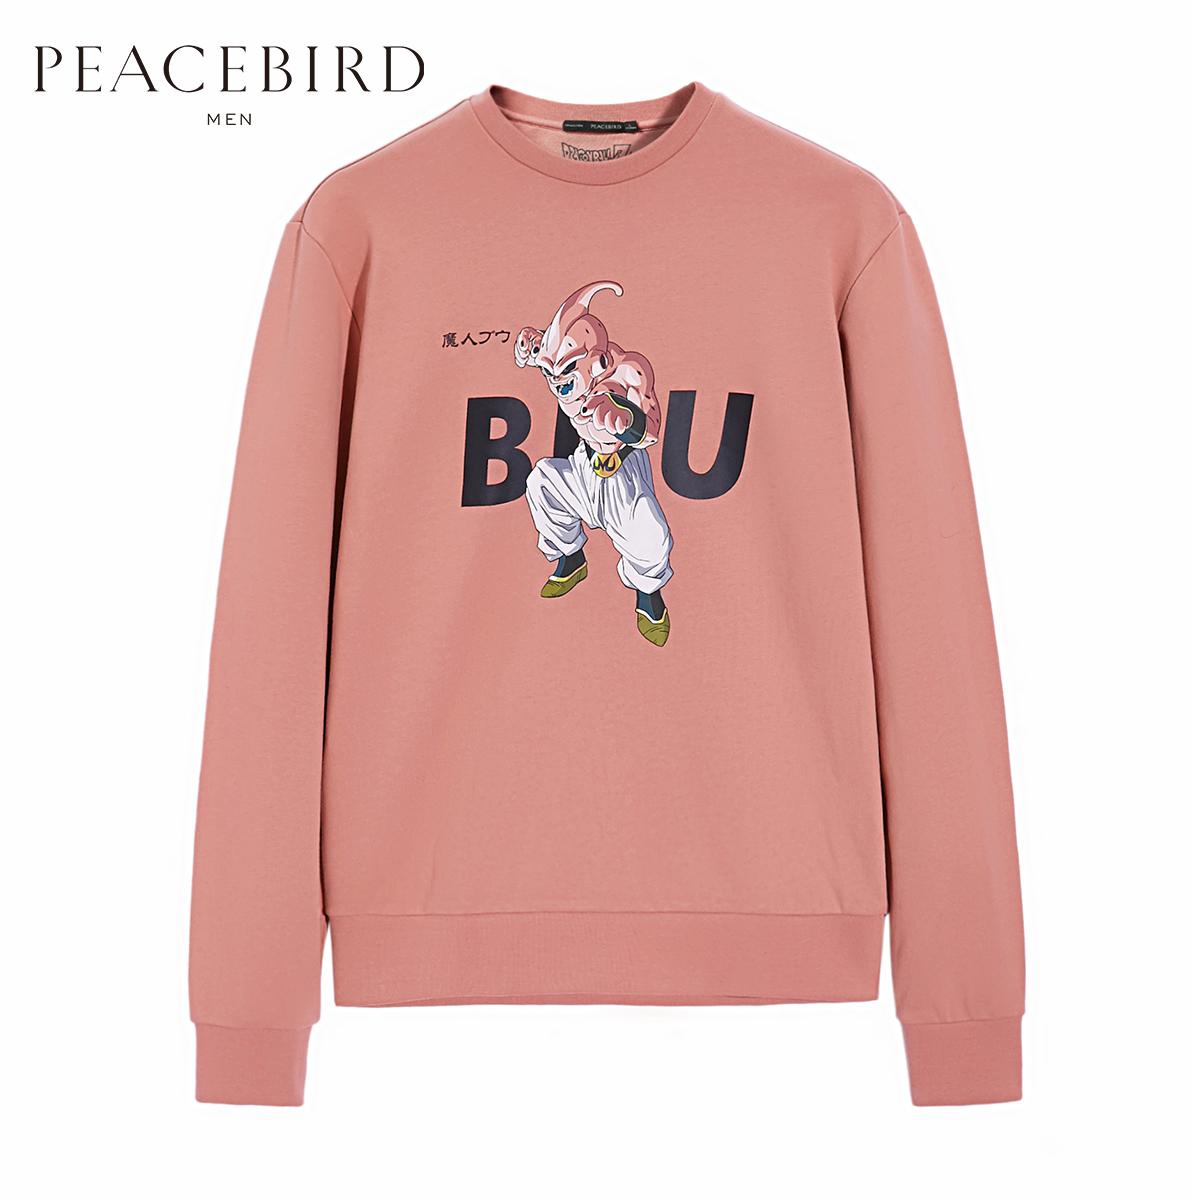 太平鸟男装龙珠IP合作款圆领粉色印花卫衣宽松套头衫